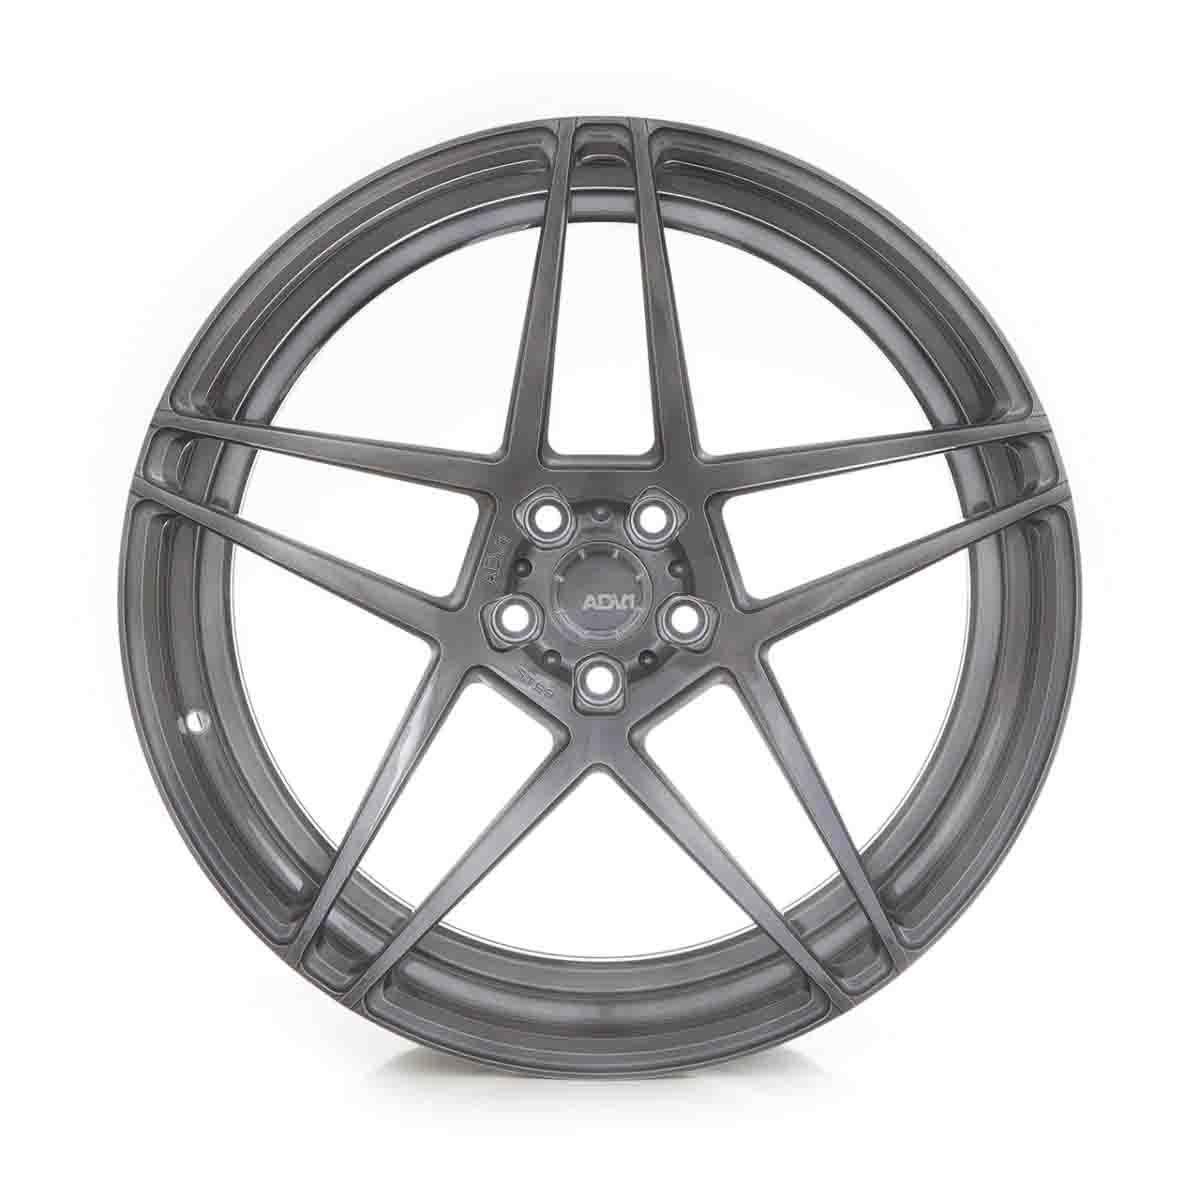 ADV.1 ADV05S M.V2 (SL Series) forged wheels